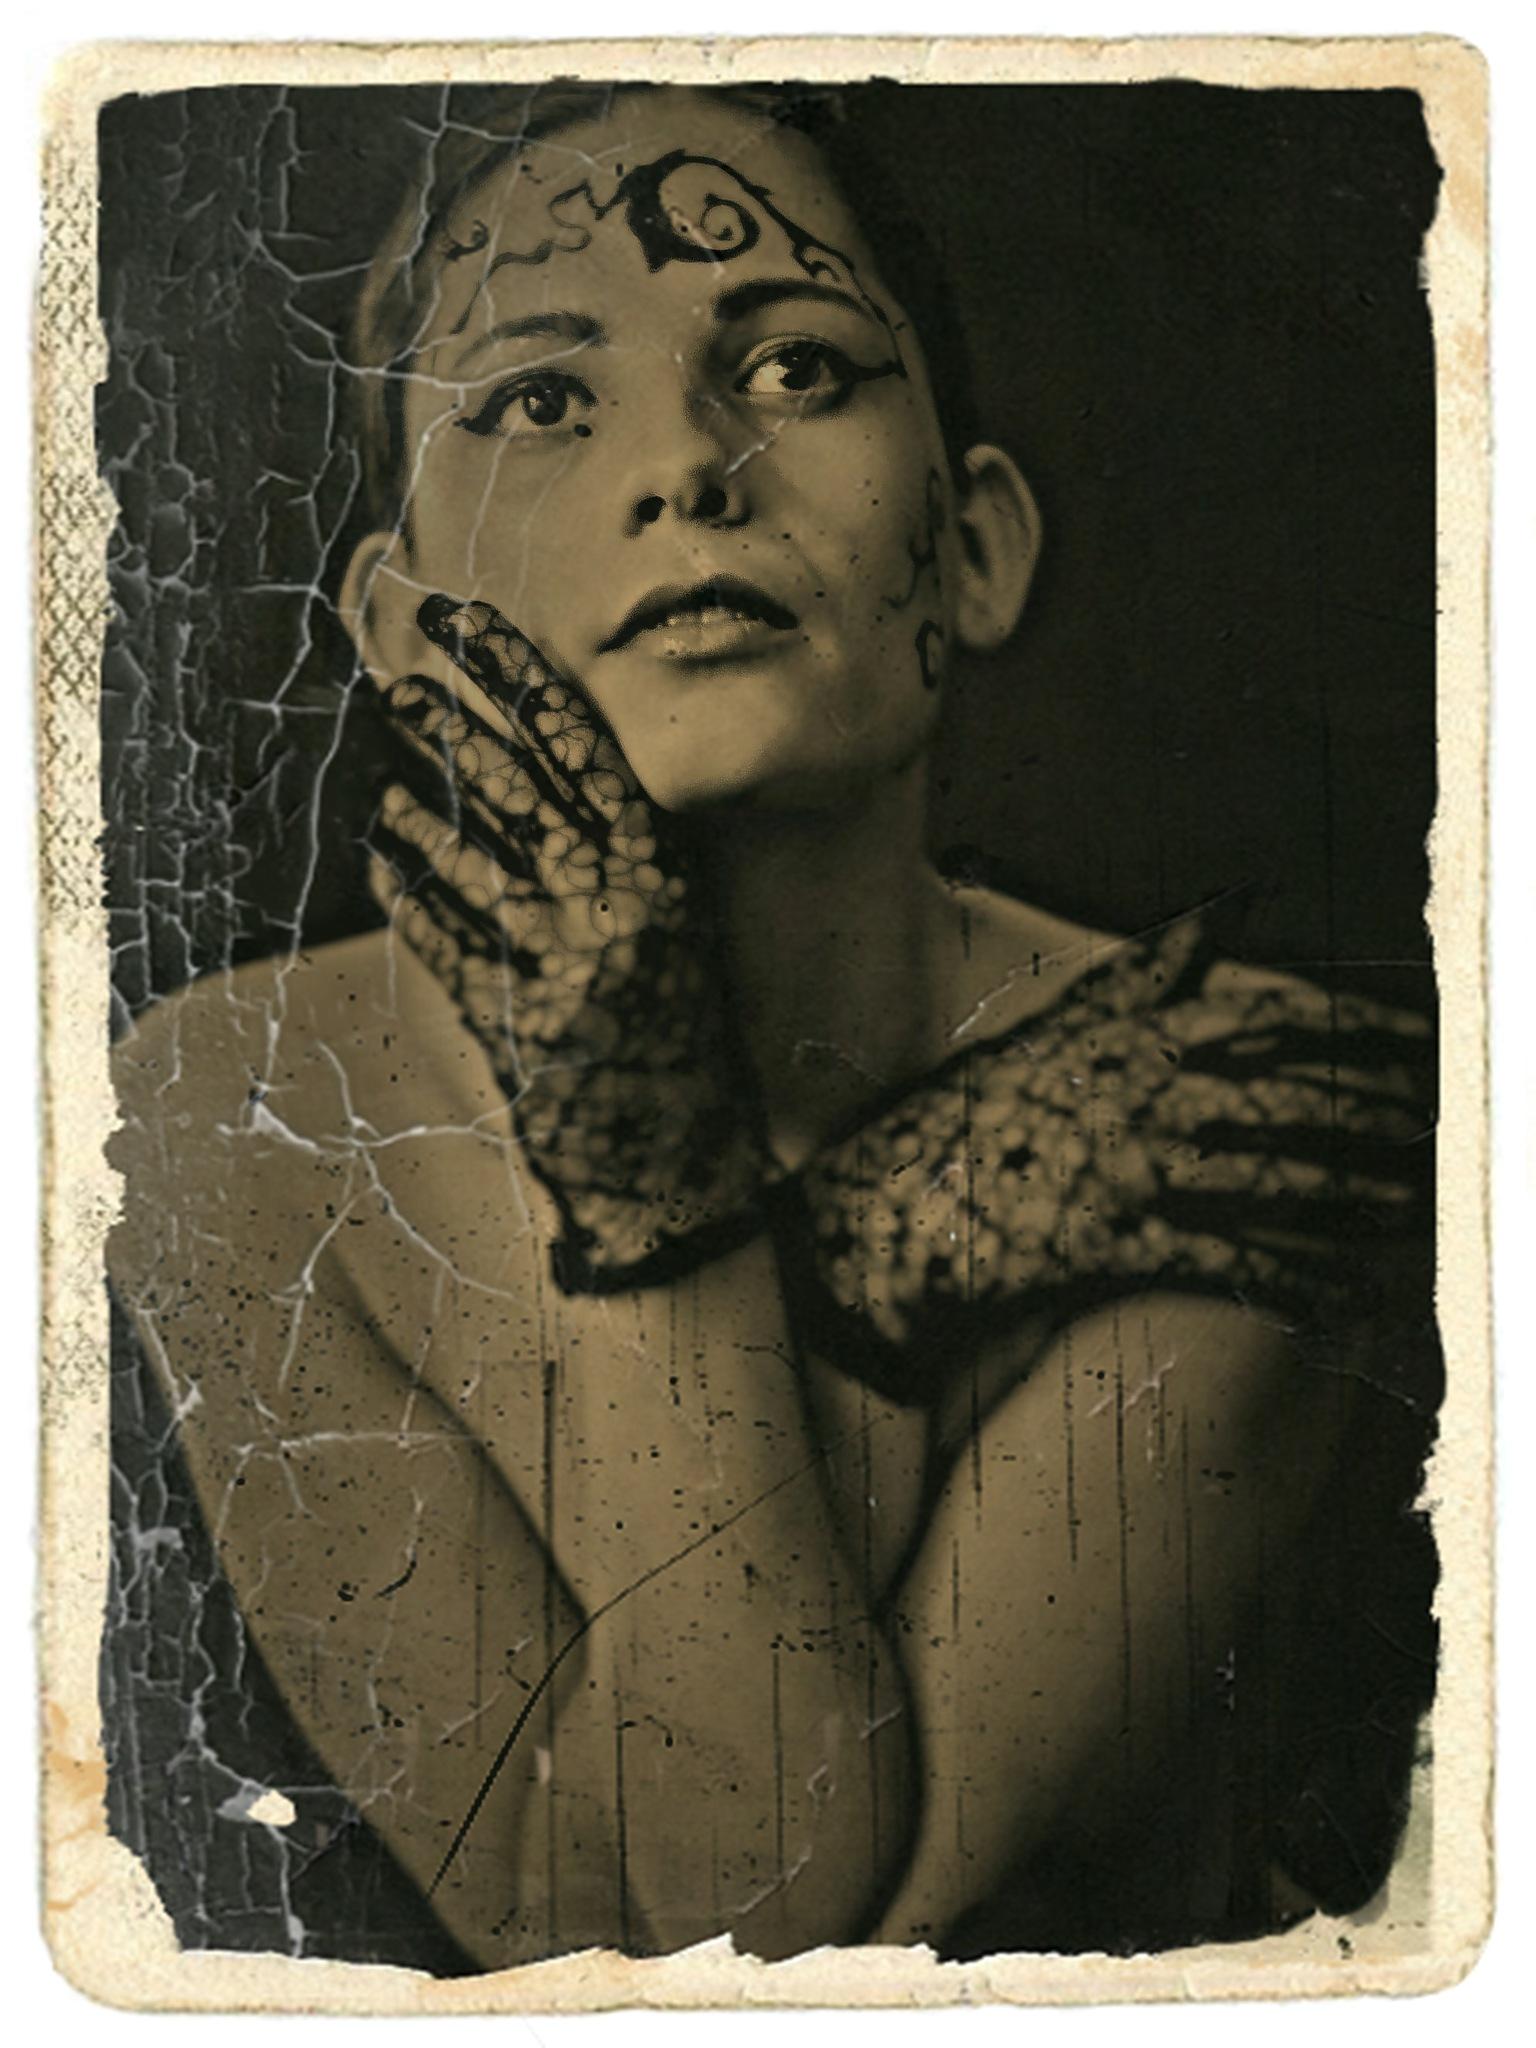 Untitled by Panescu Iulian Paul